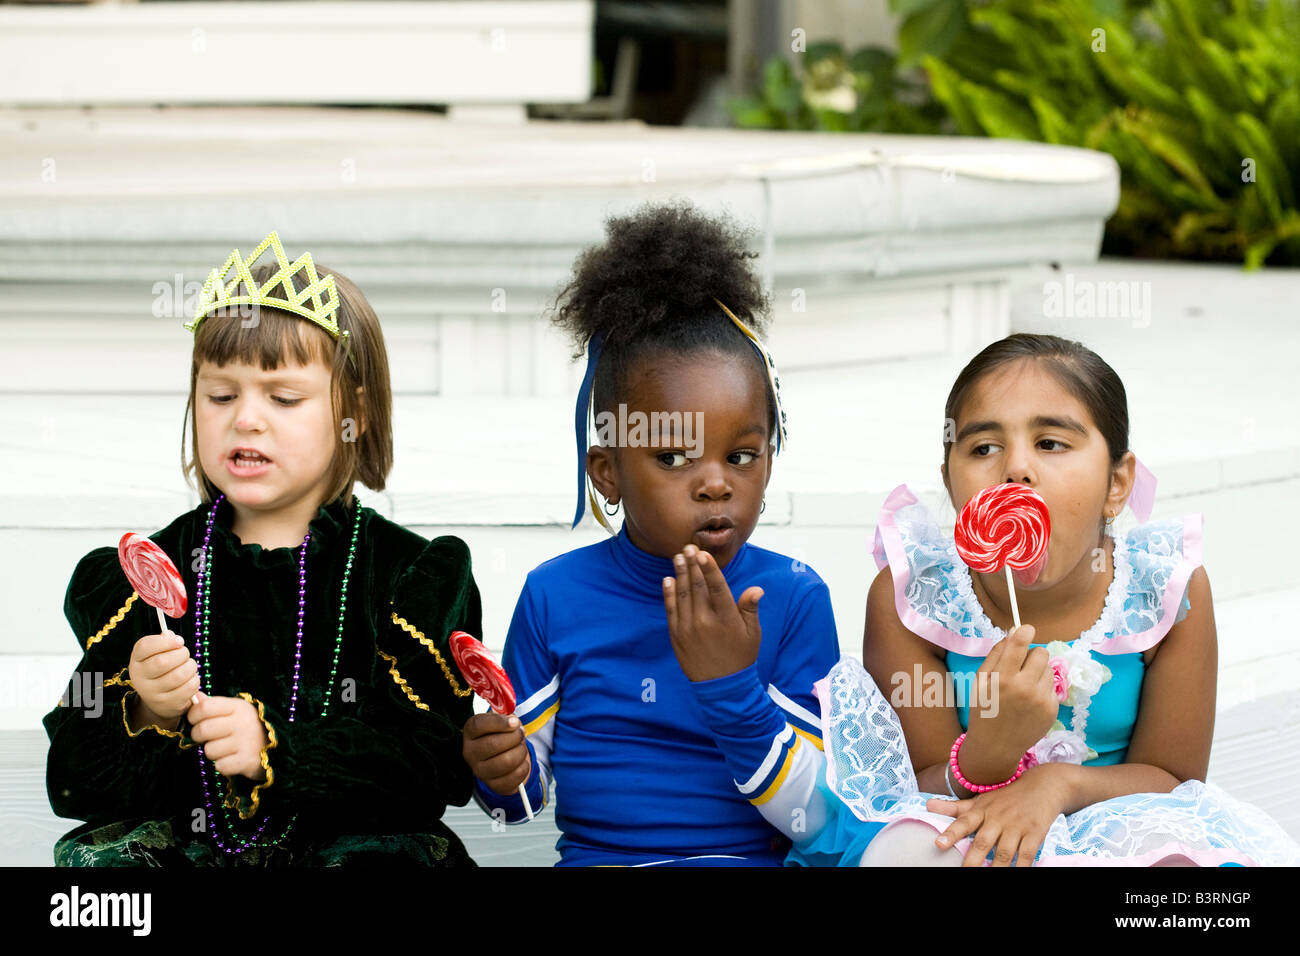 Bambine vestite in costumi di Halloween godere il loro lecca lecca come uno ottiene colti sul fatto di mangiare Immagini Stock